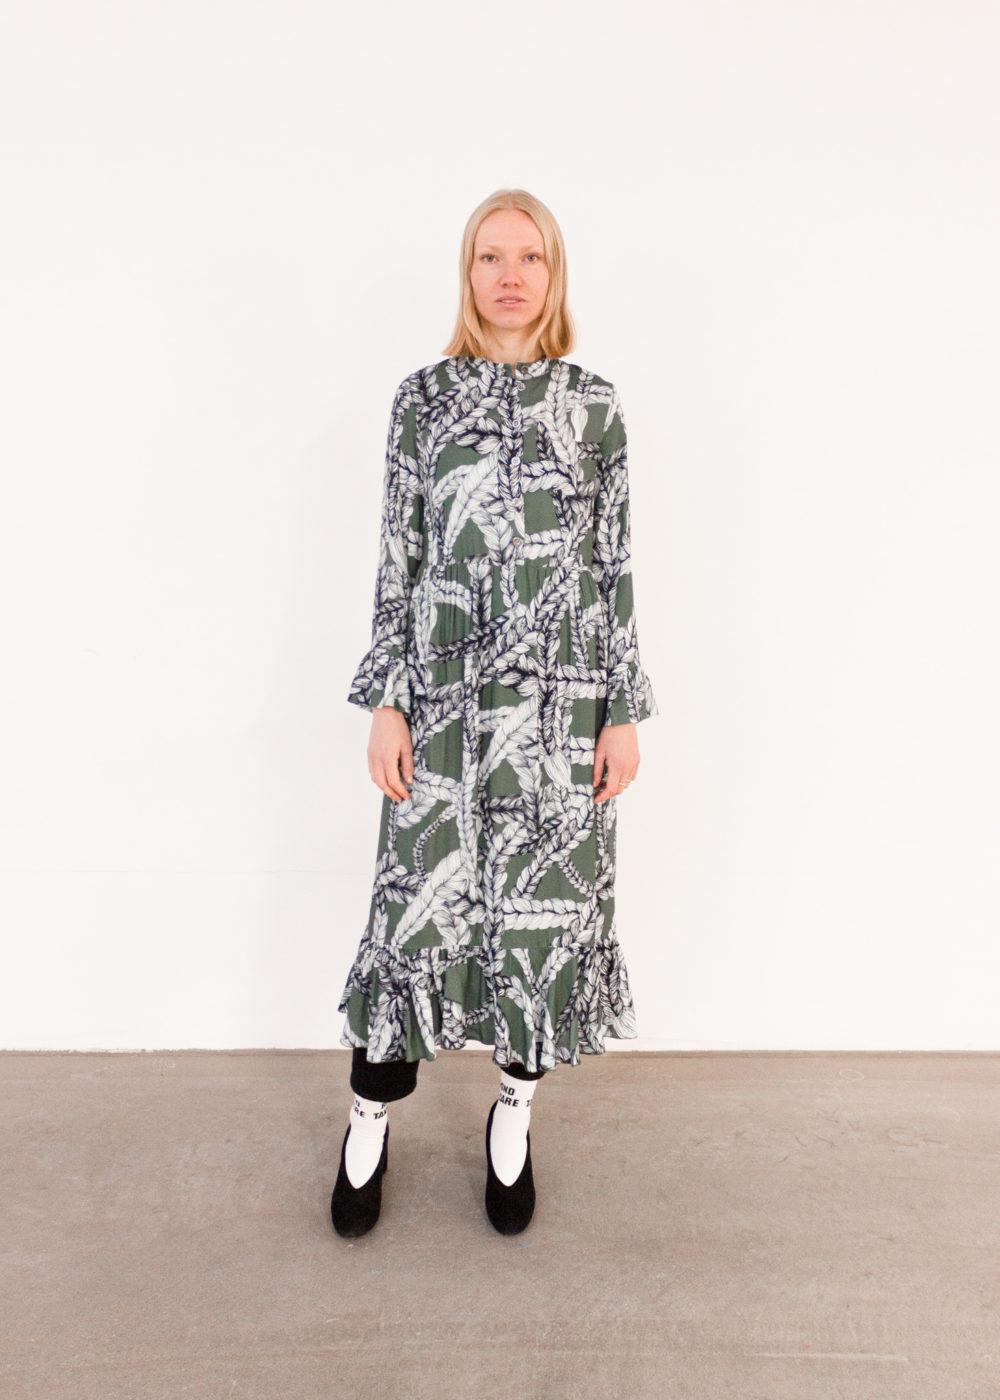 Vimma Frilla Dress TUUVA Letti Naava S-L - braid, Frilla Dress, Naava, S-L, TUUVA